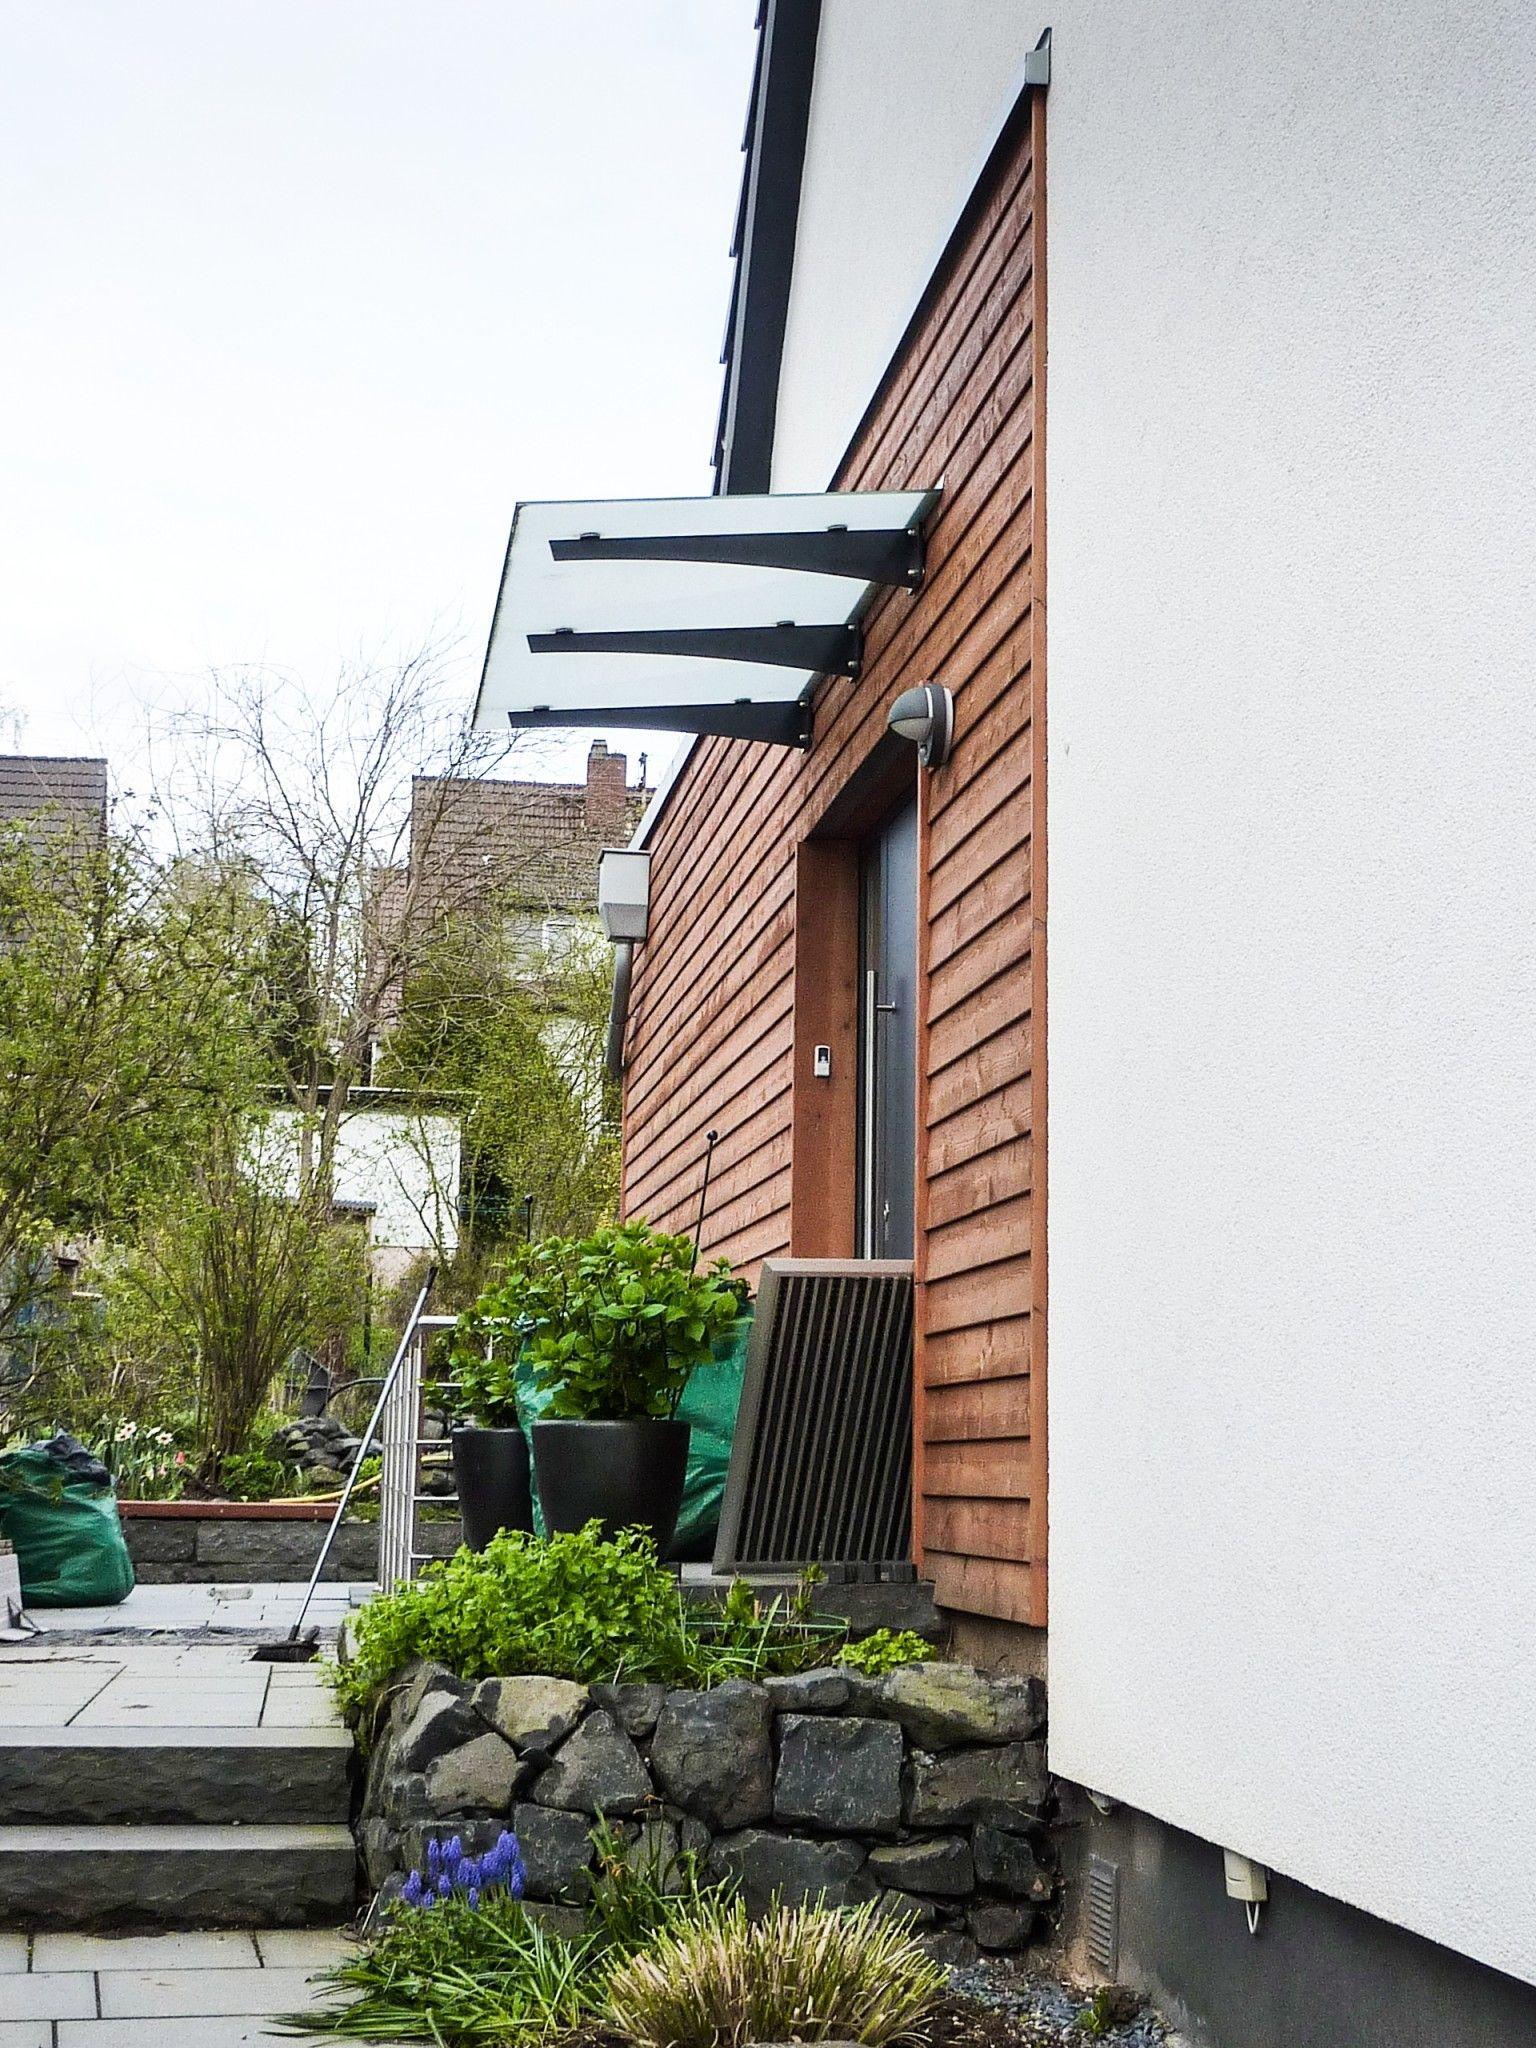 Faszinierend Holz Anbau Haus Beste Wahl Modernisierung Eines Es In Wiesbaden